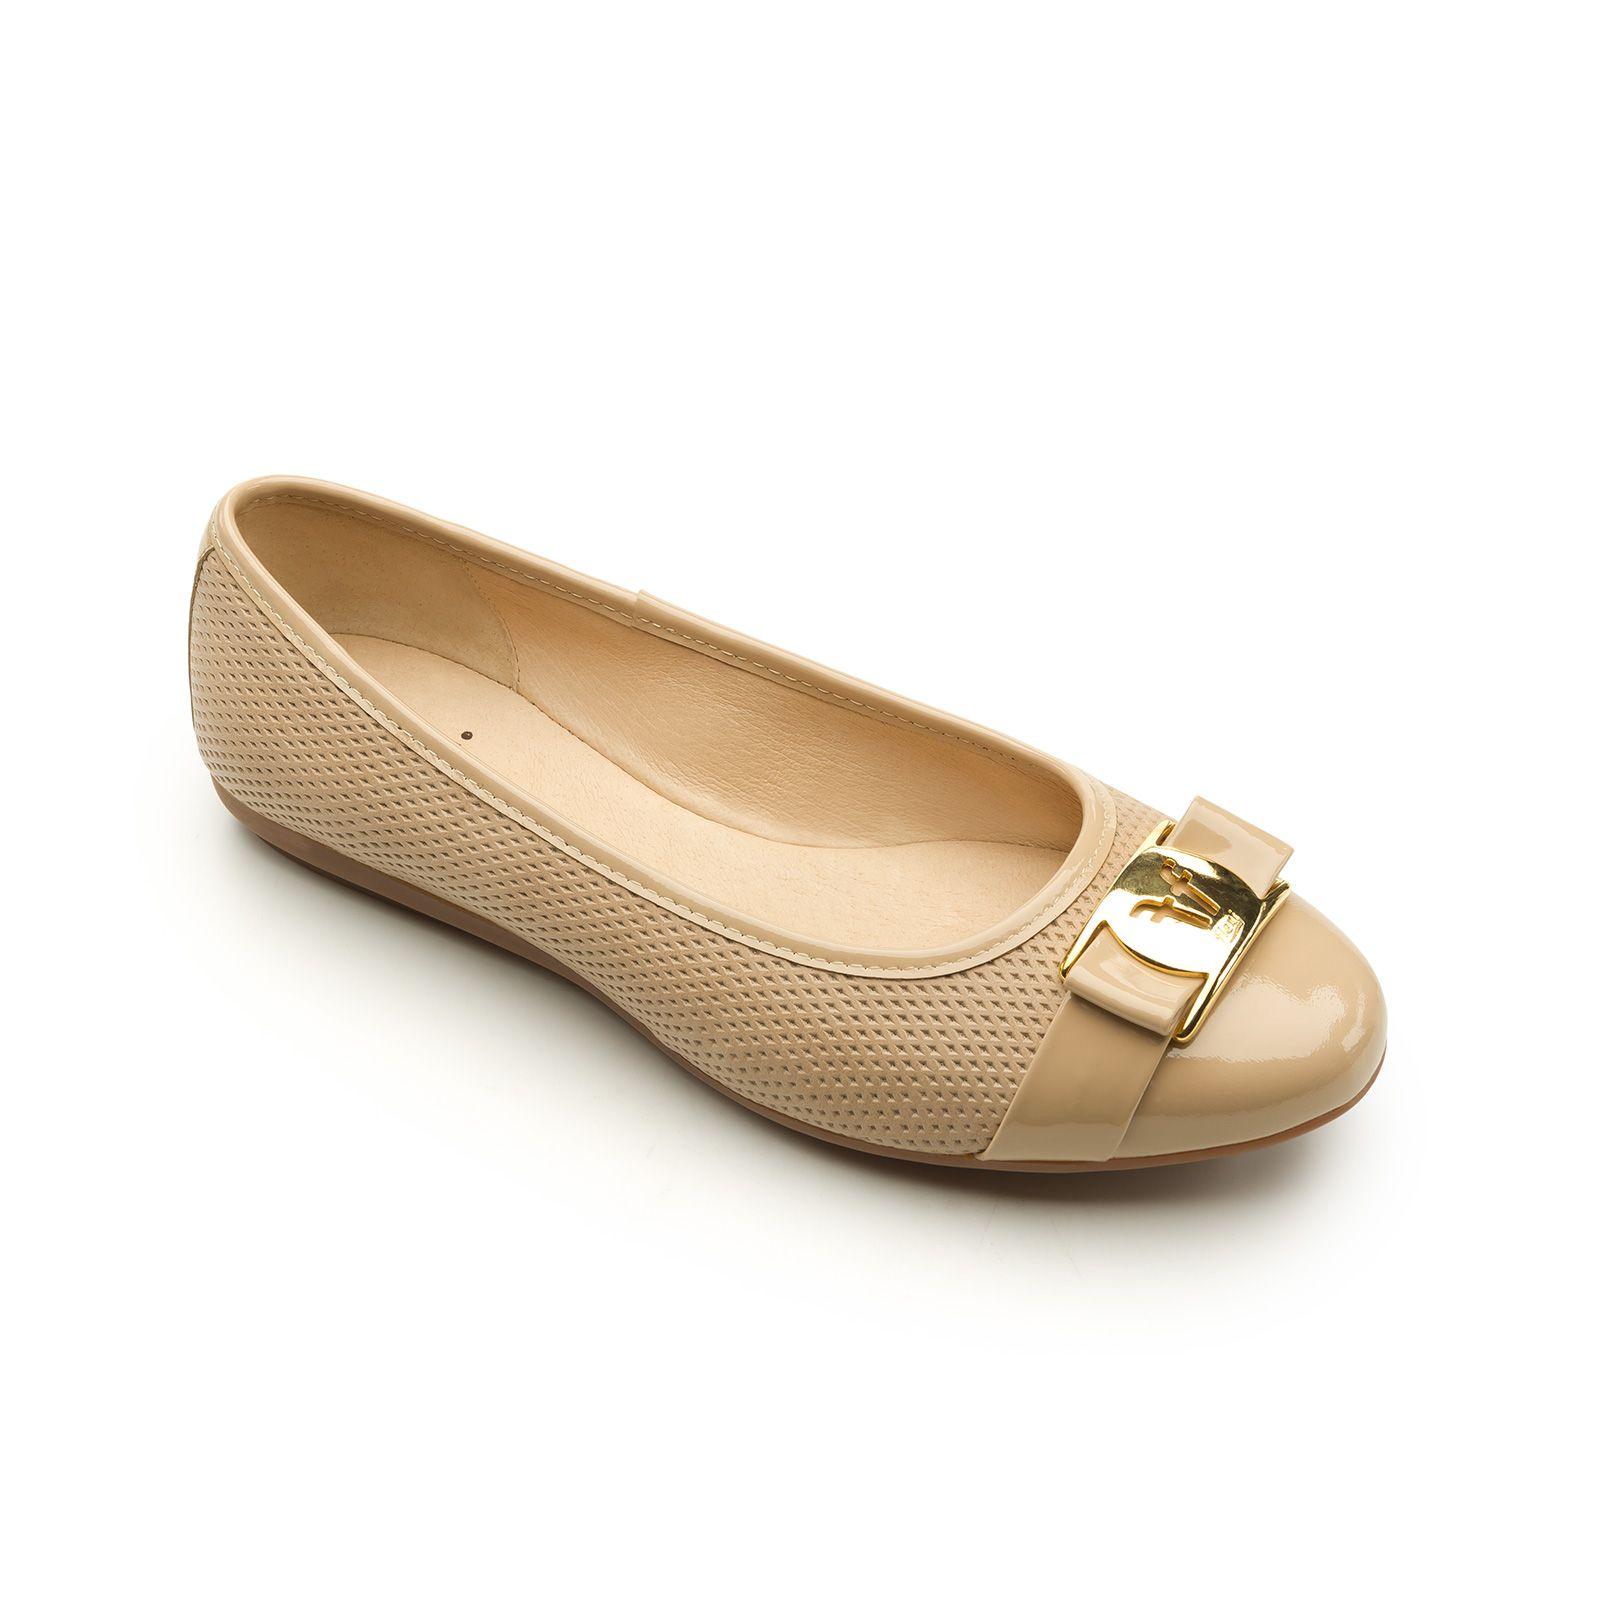 78de4088 Línea casual de zapato de piso tipo balerina presentada en dos estilos.  Toda la línea cuenta con Sistema Comfort Flat para brindar la máxima  comodidad en ...